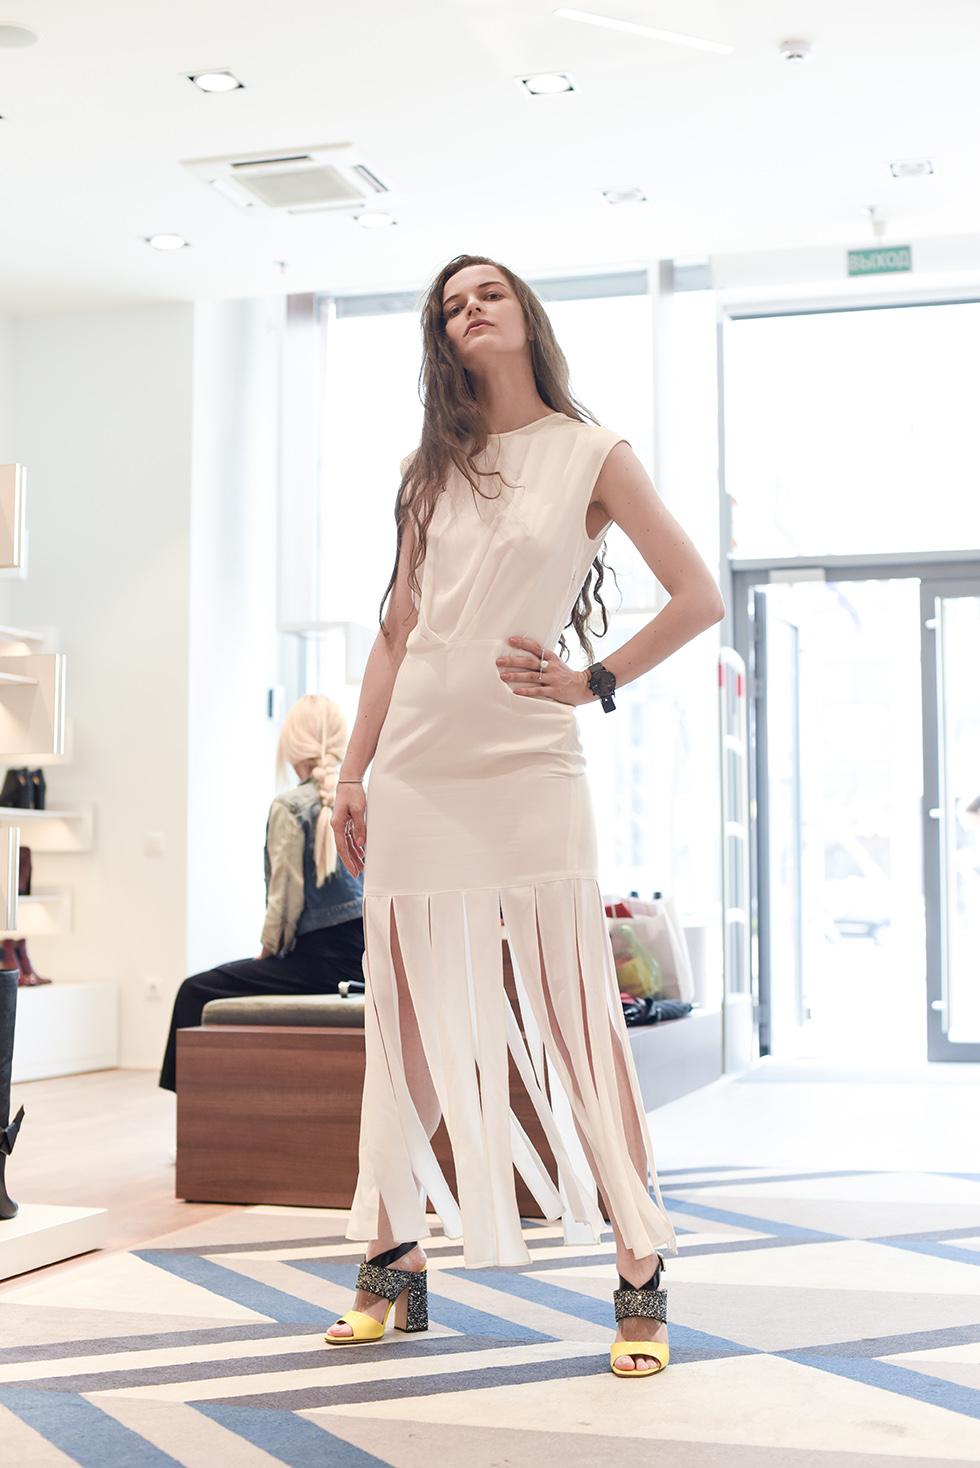 bolshoy_fashion_market_osen_12